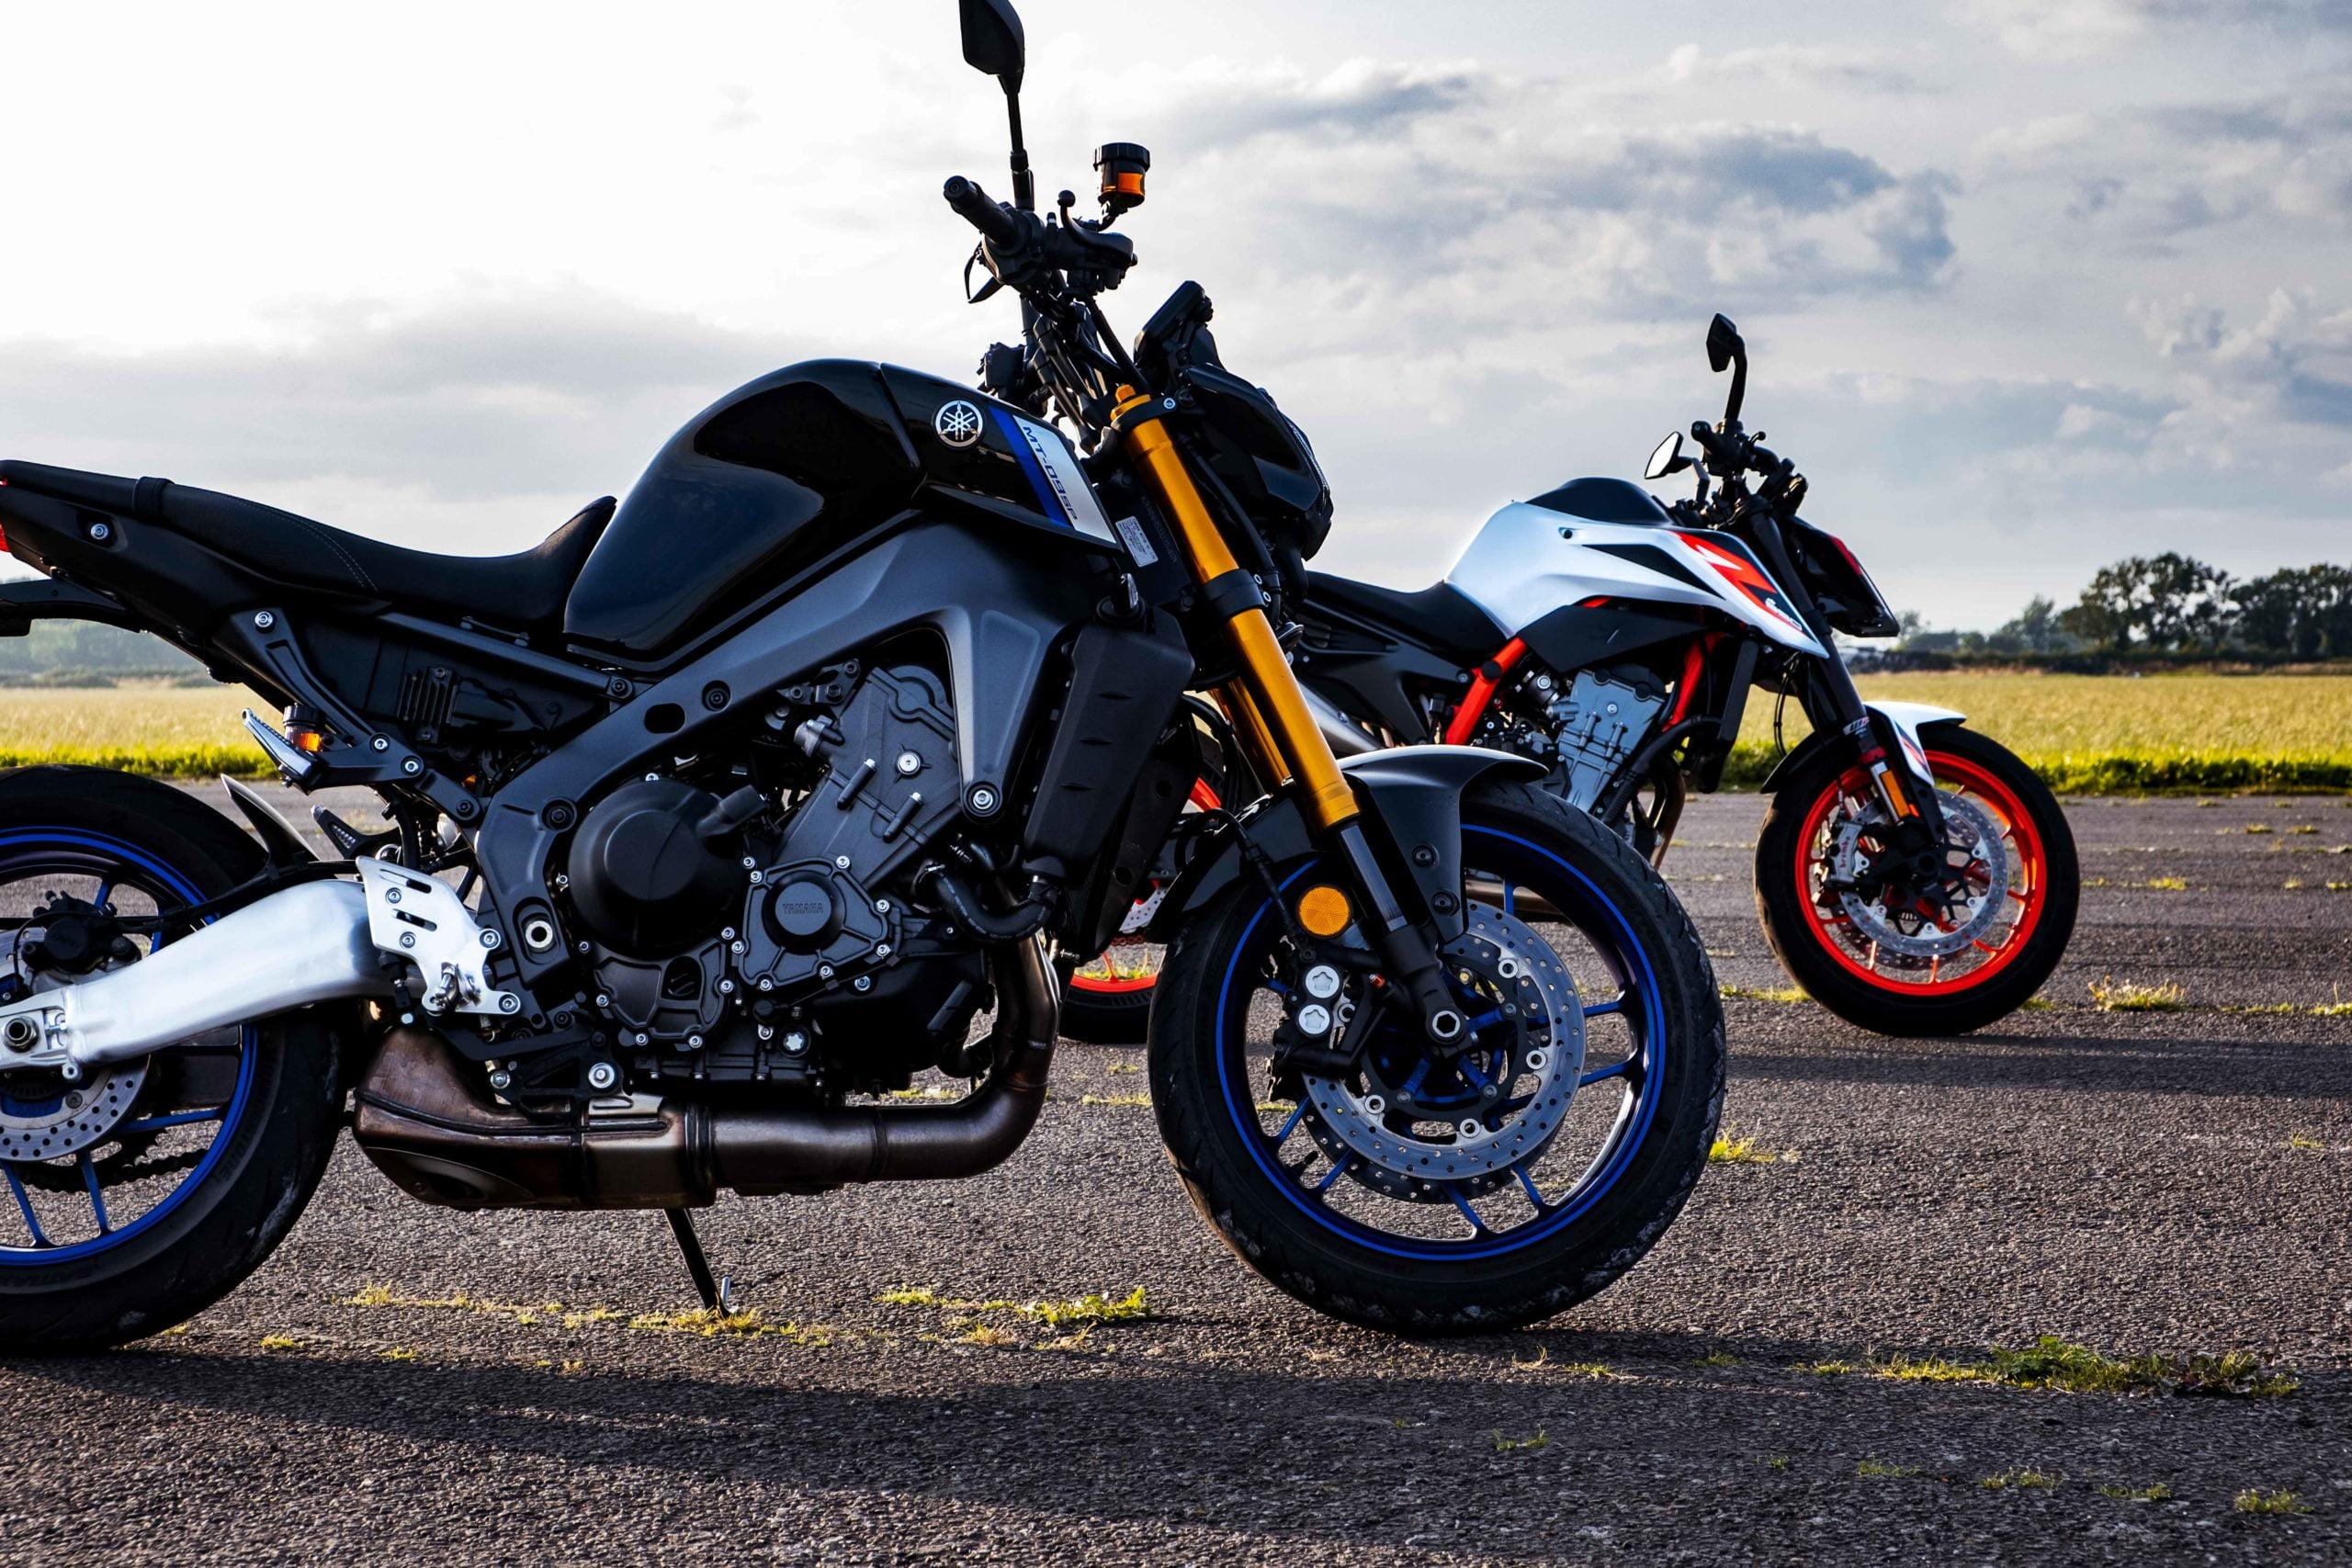 Yamaha MT09 vs KTM 890 Duke R